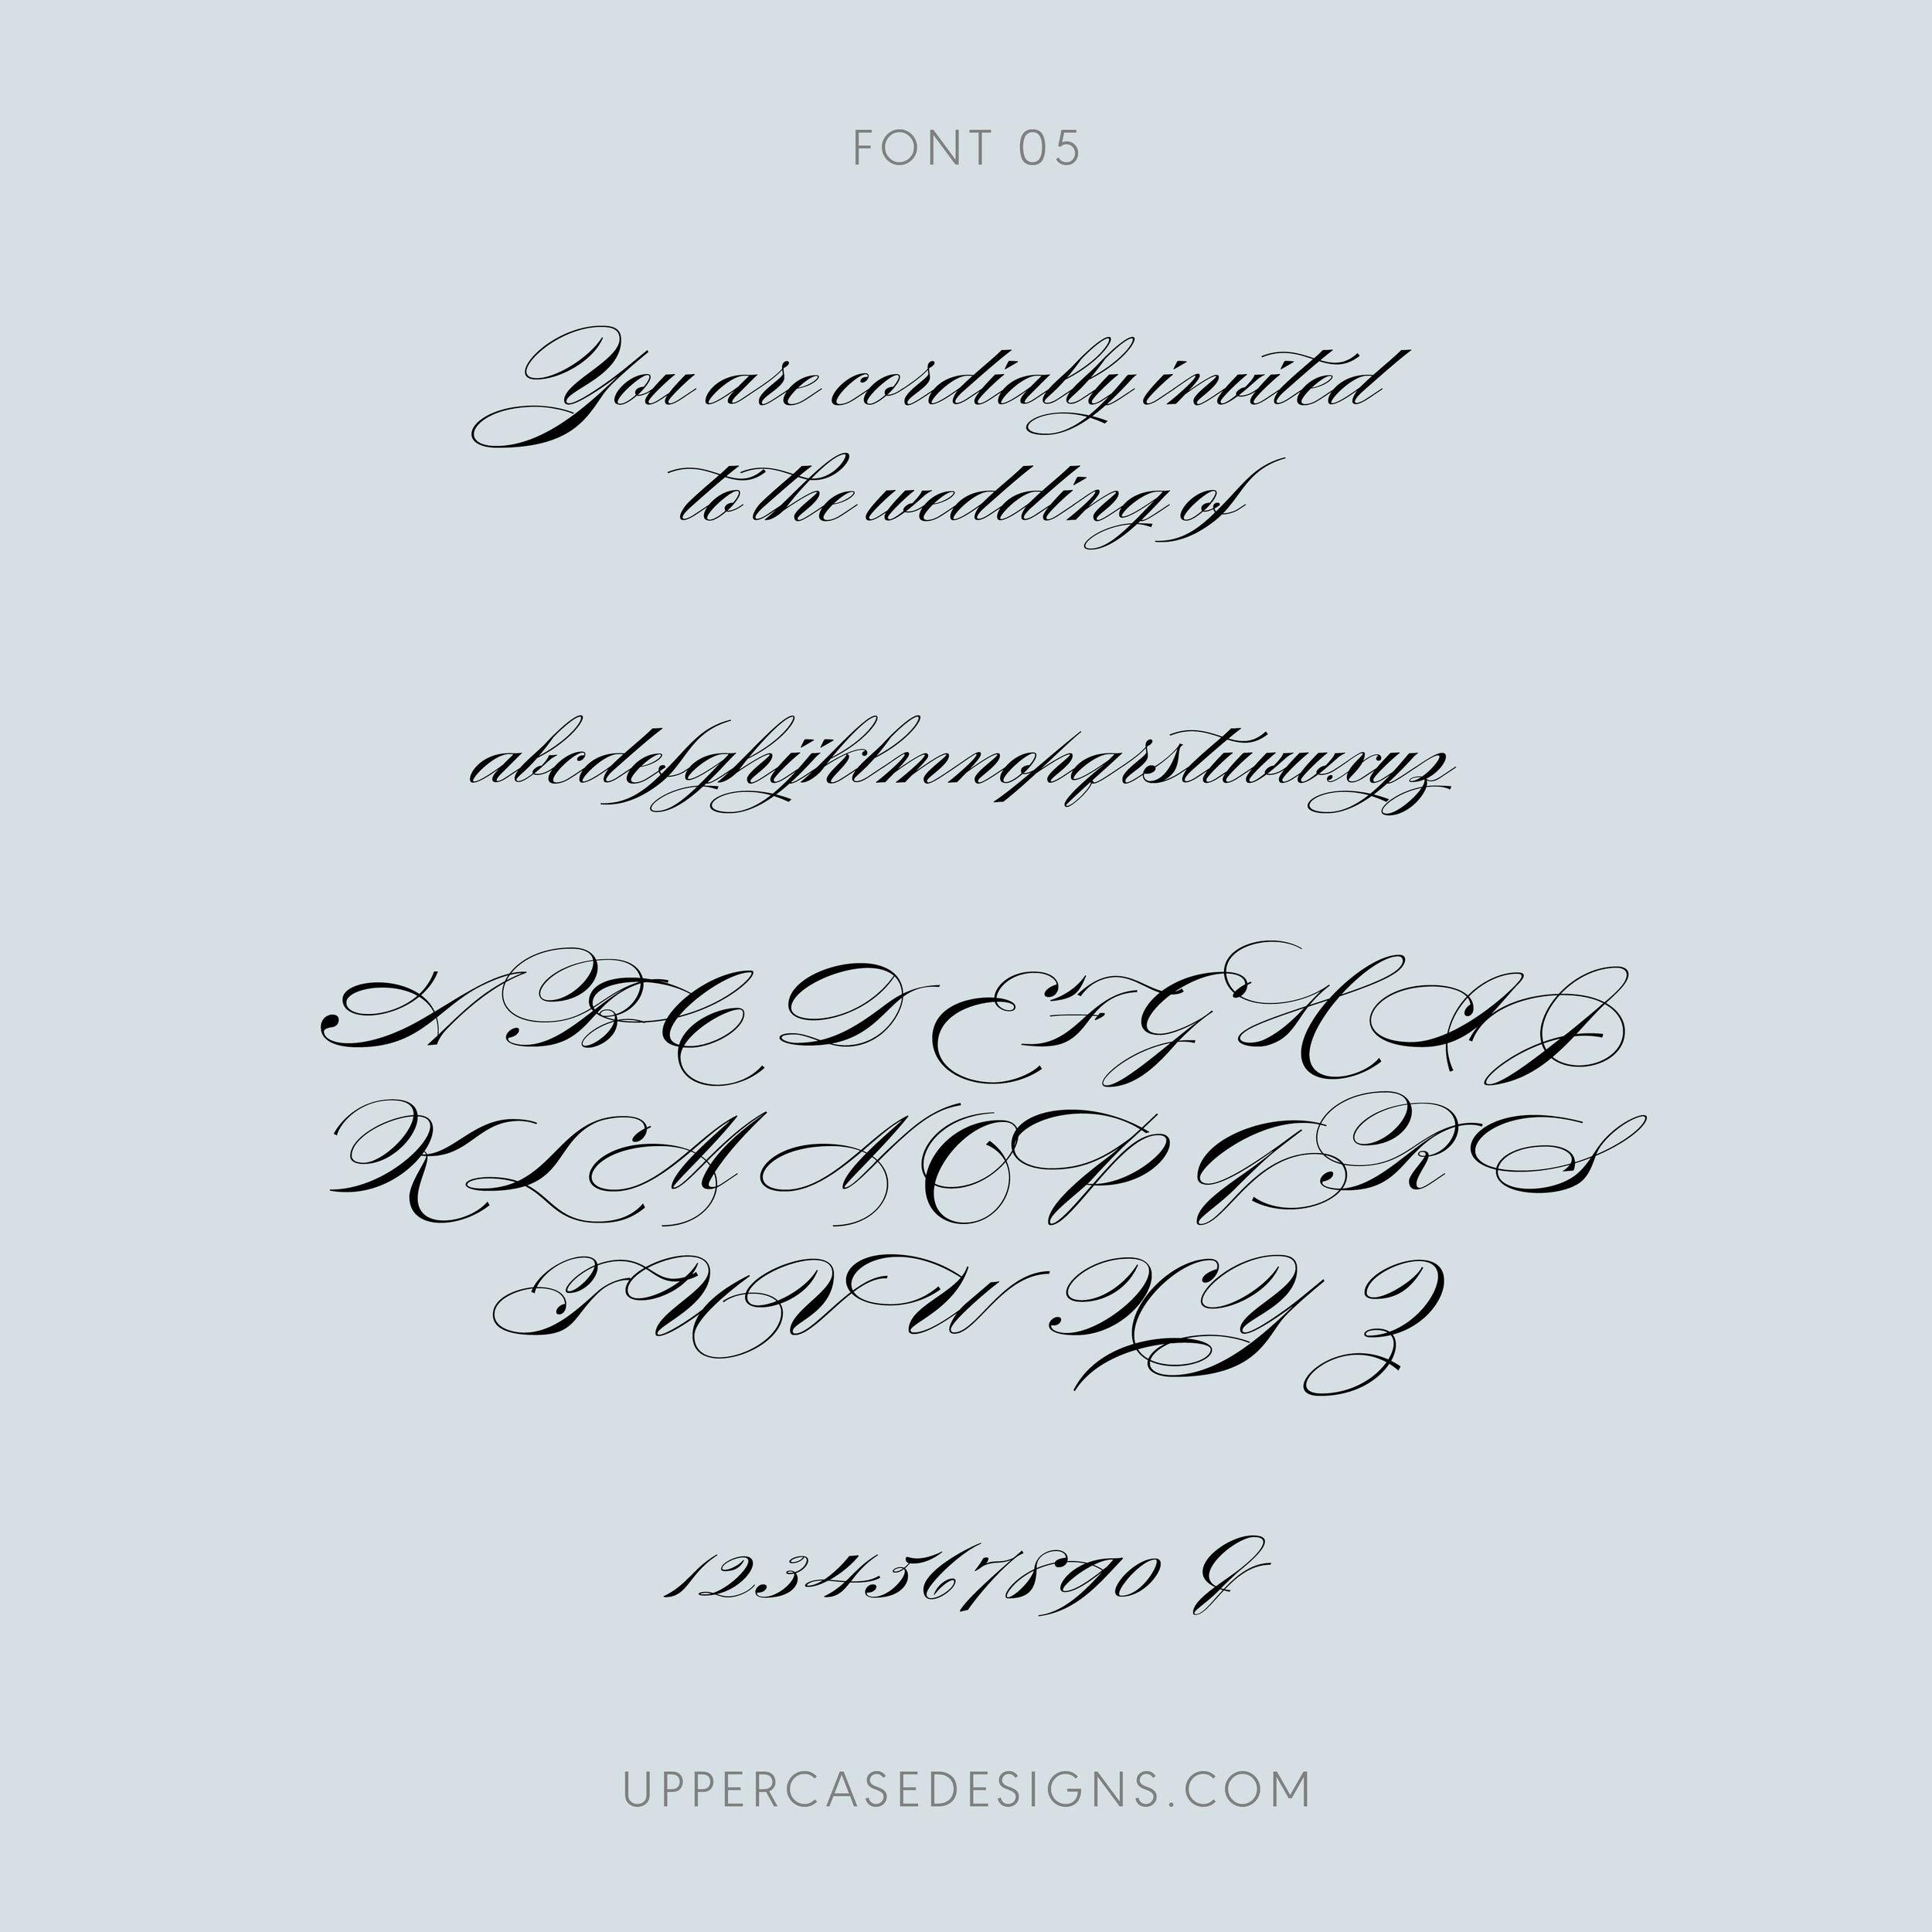 UppercaseDesigns-Fonts-20205.jpg